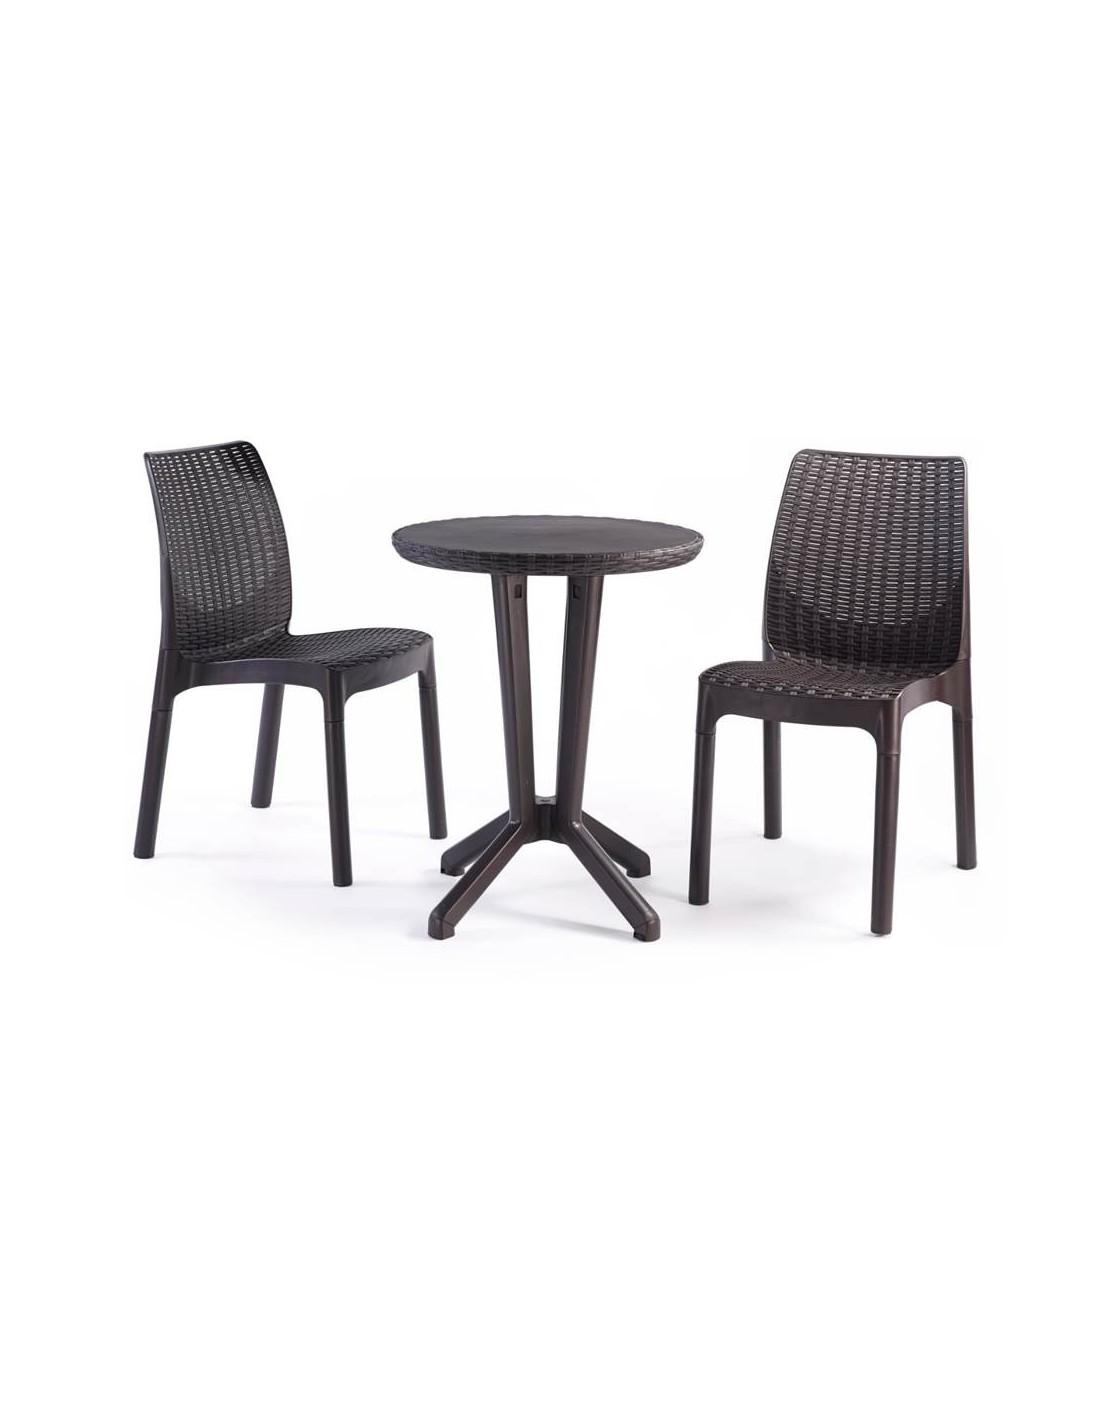 salon de jardin resine gris anthracite. Black Bedroom Furniture Sets. Home Design Ideas